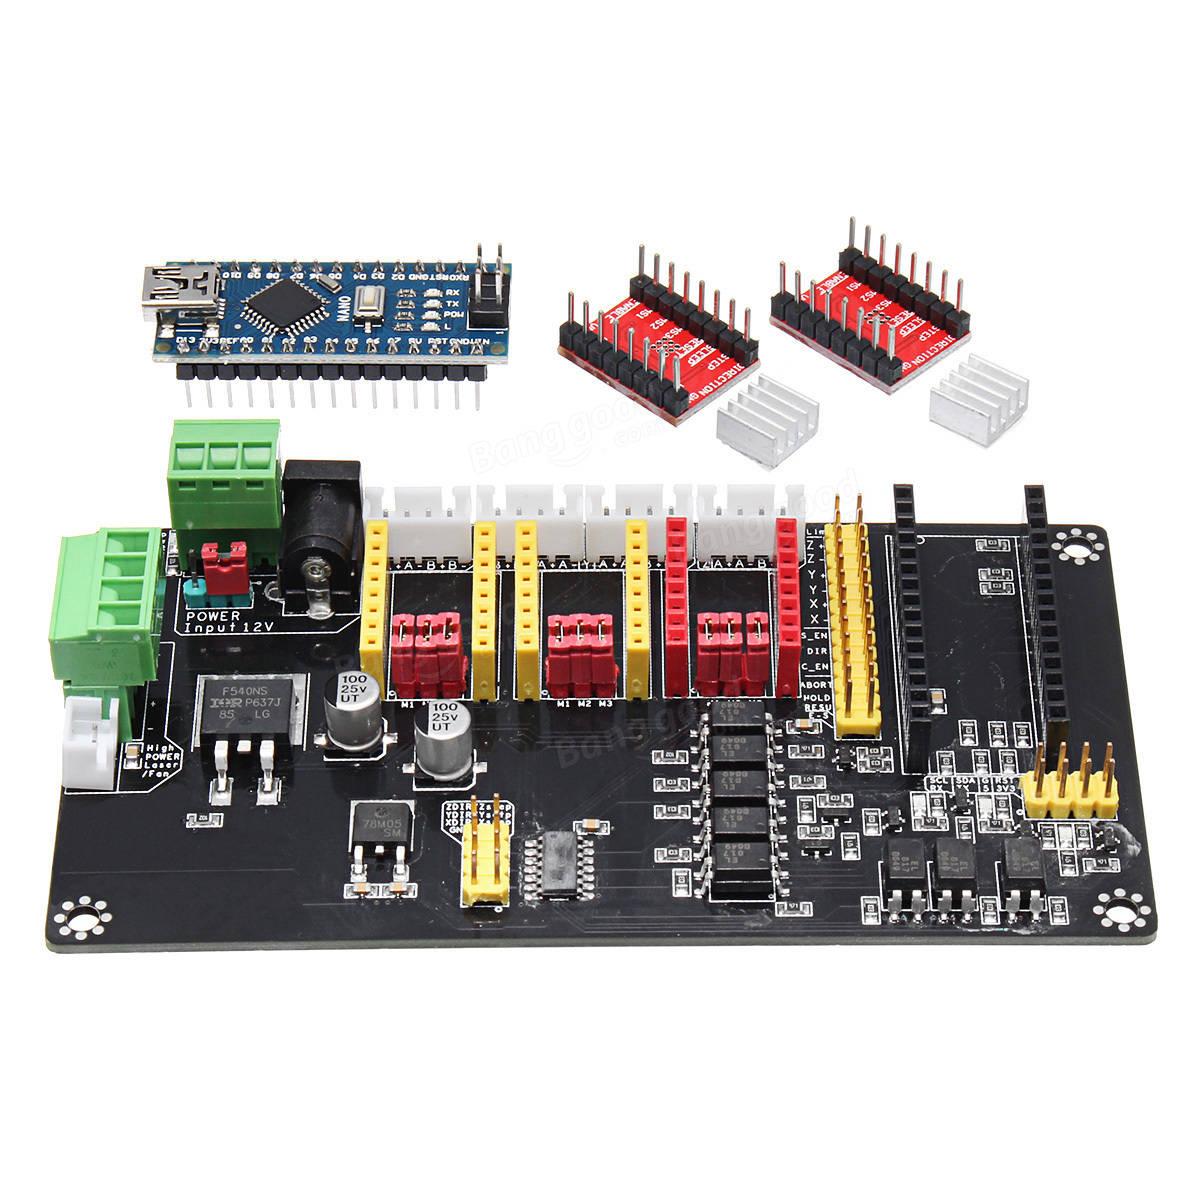 3 axis usb cnc arduino nano controller a4988 stepper motor